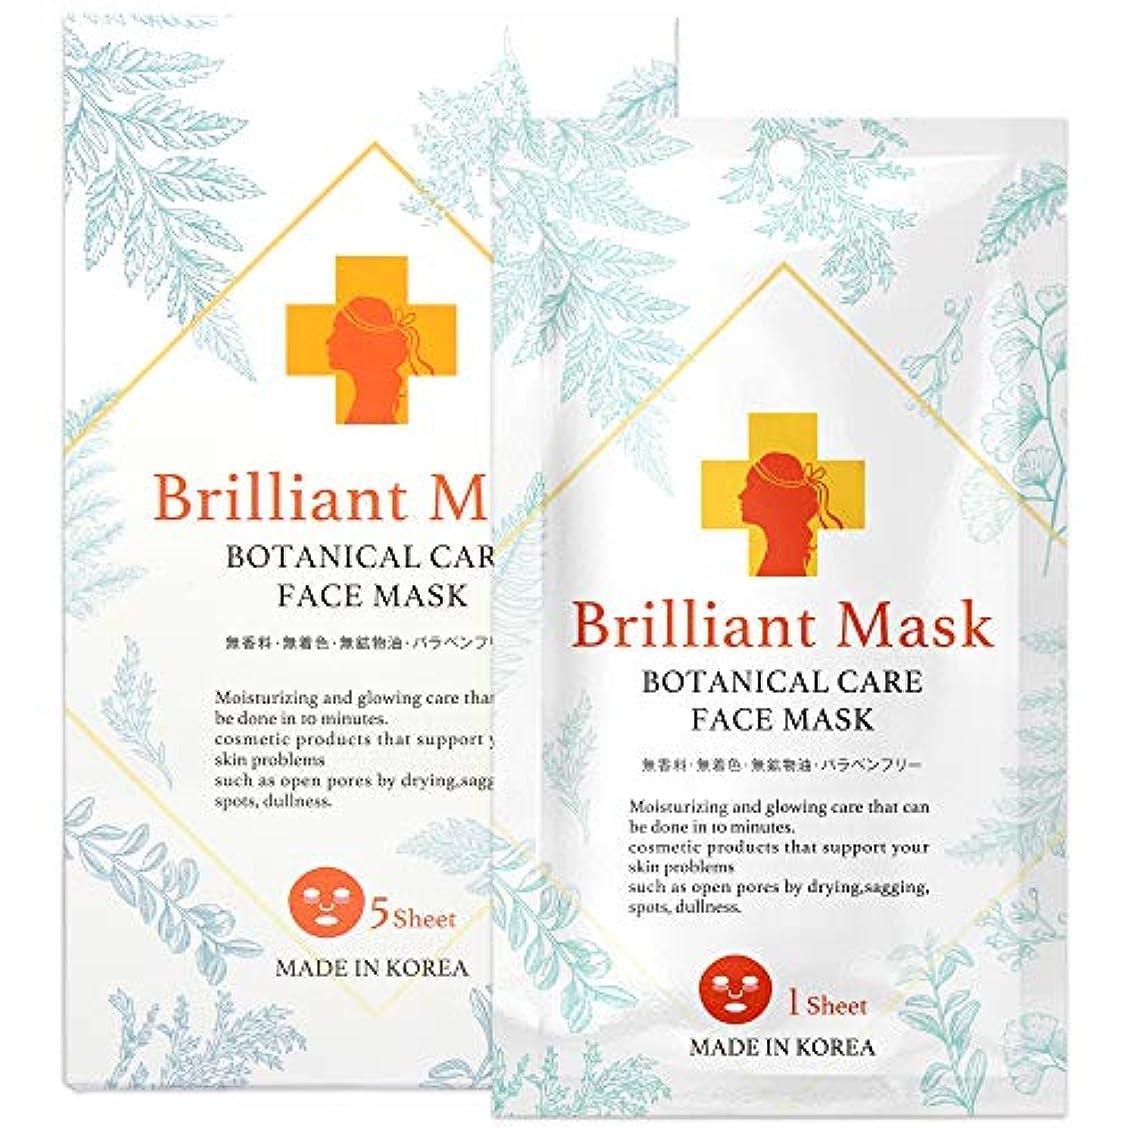 シネマオセアニア偏差Brilliant Mask(ブリリアントマスク) ボタニカルケア フェイスマスク 5枚入り